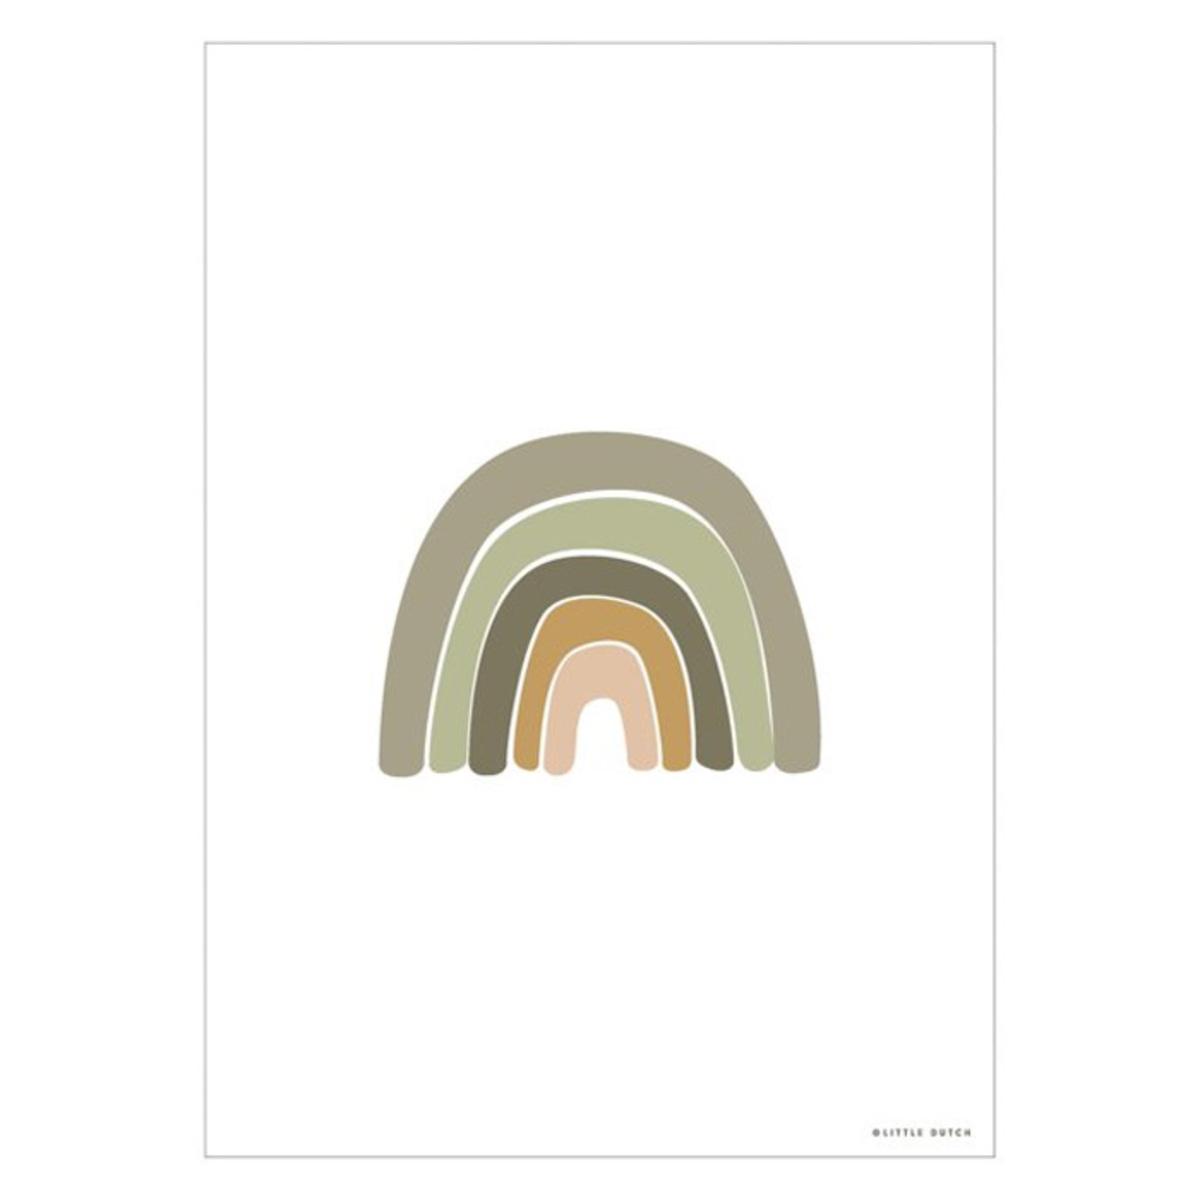 Affiche & poster Poster Réversible Horizon - Olive Poster Réversible Horizon - Olive